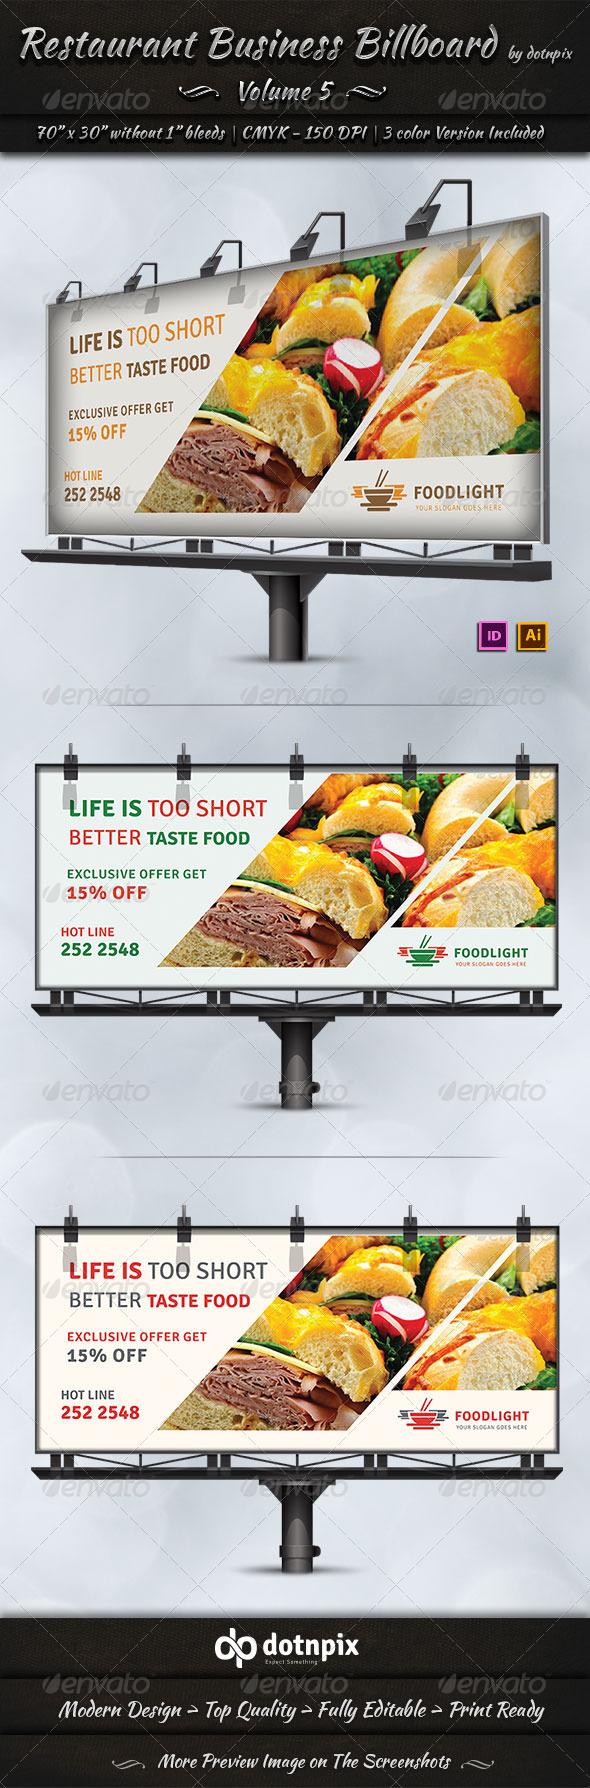 GraphicRiver Restaurant Business Billboard Volume 5 7577798